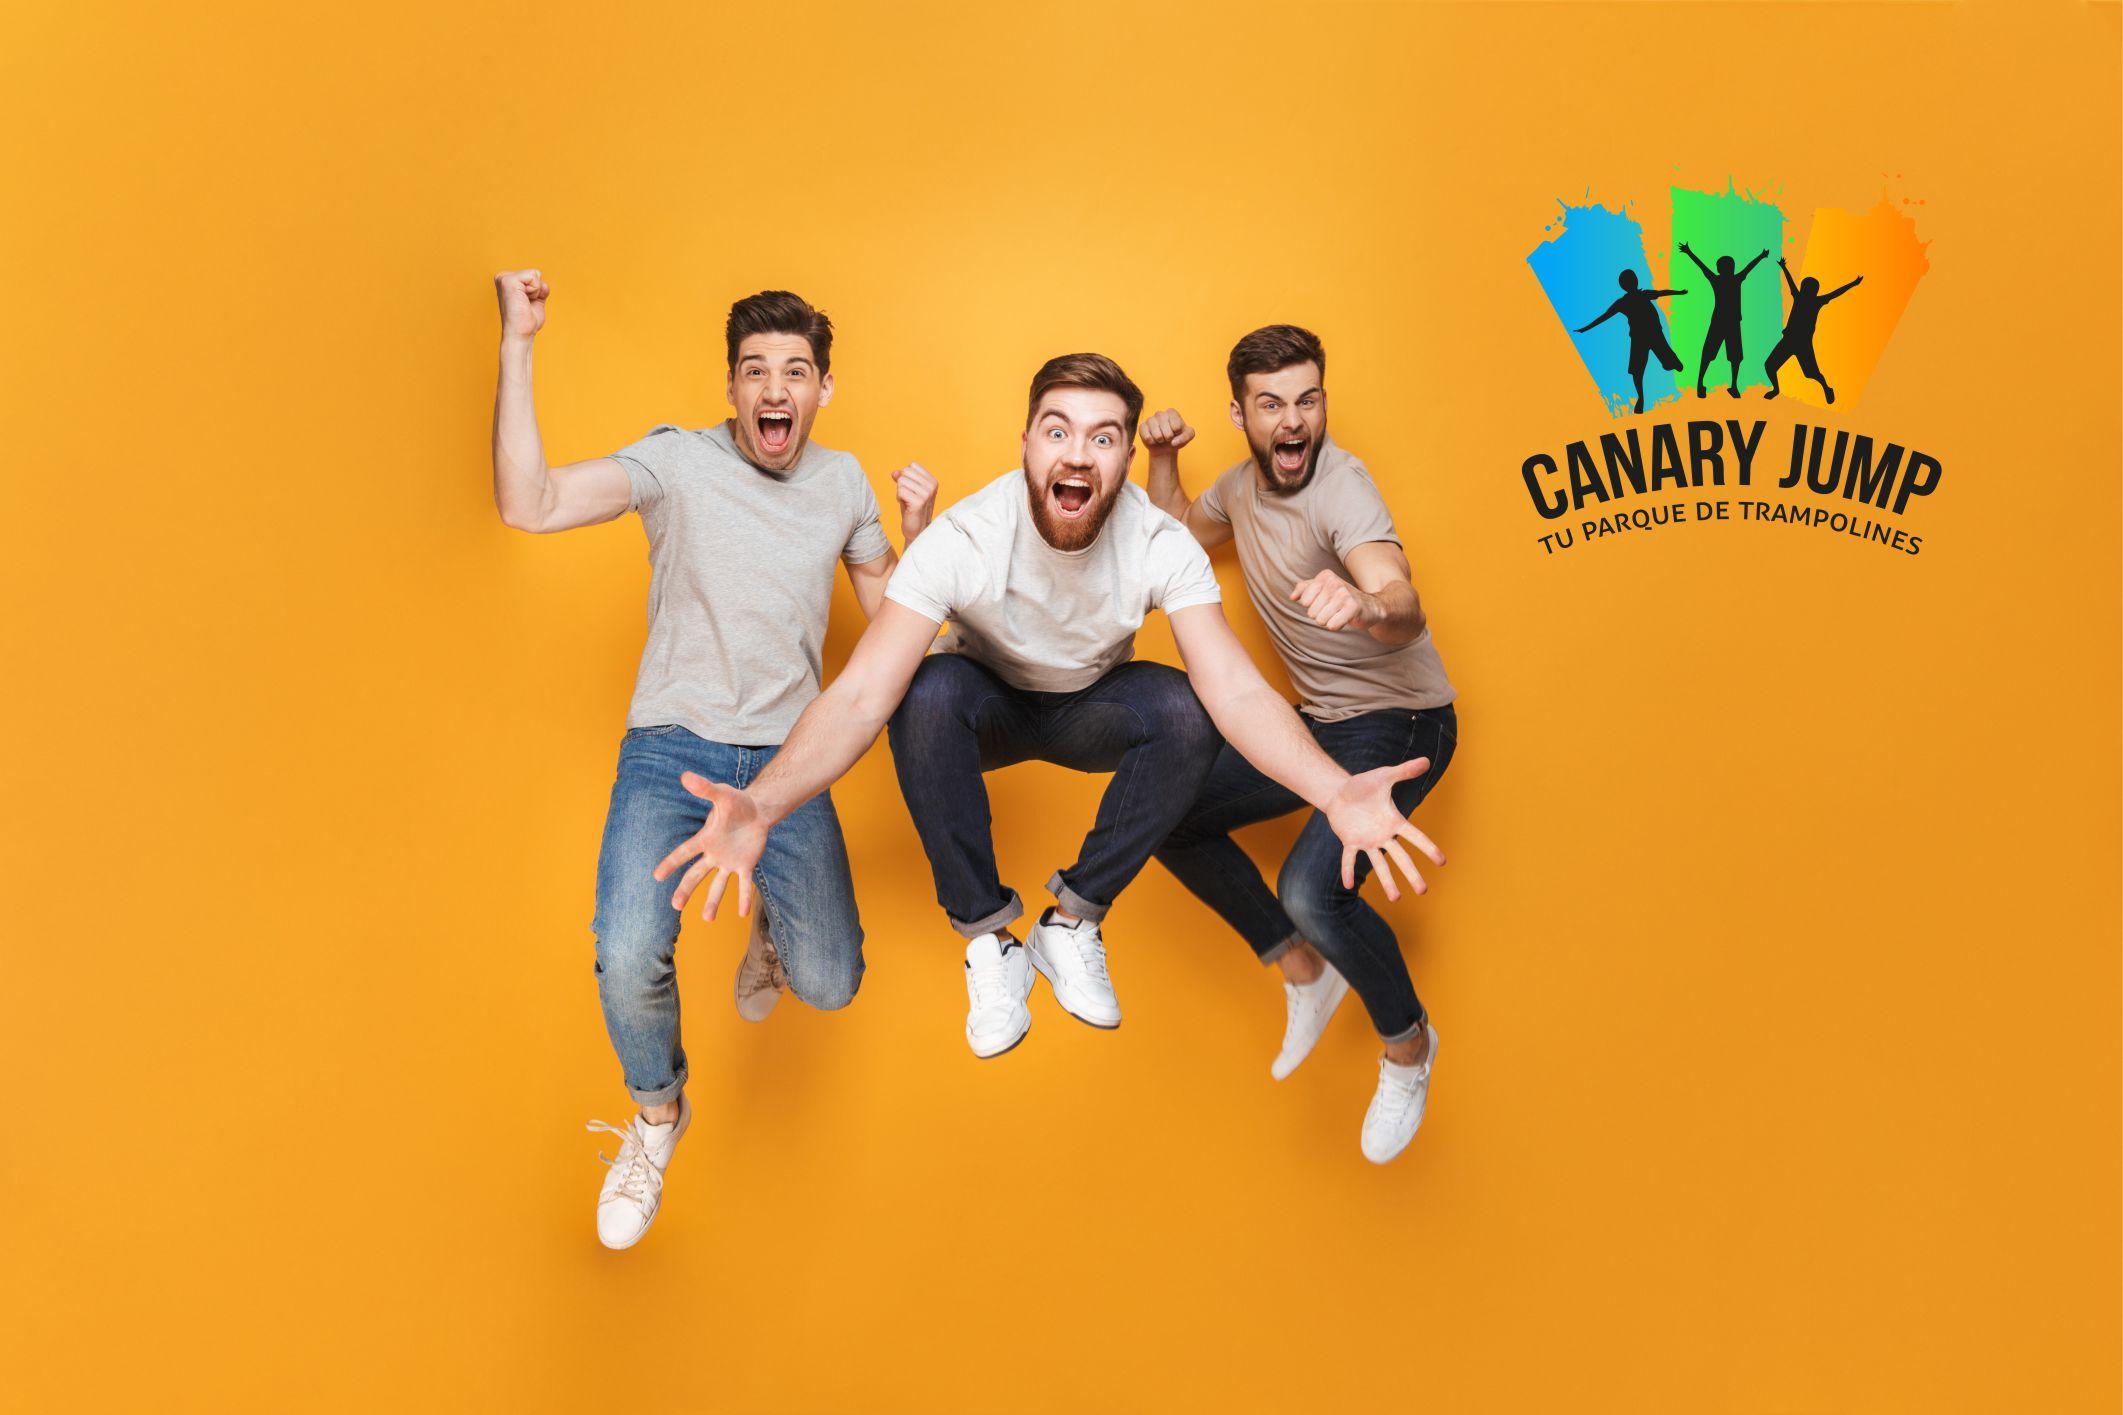 canaryjump-team-jump-tenerife